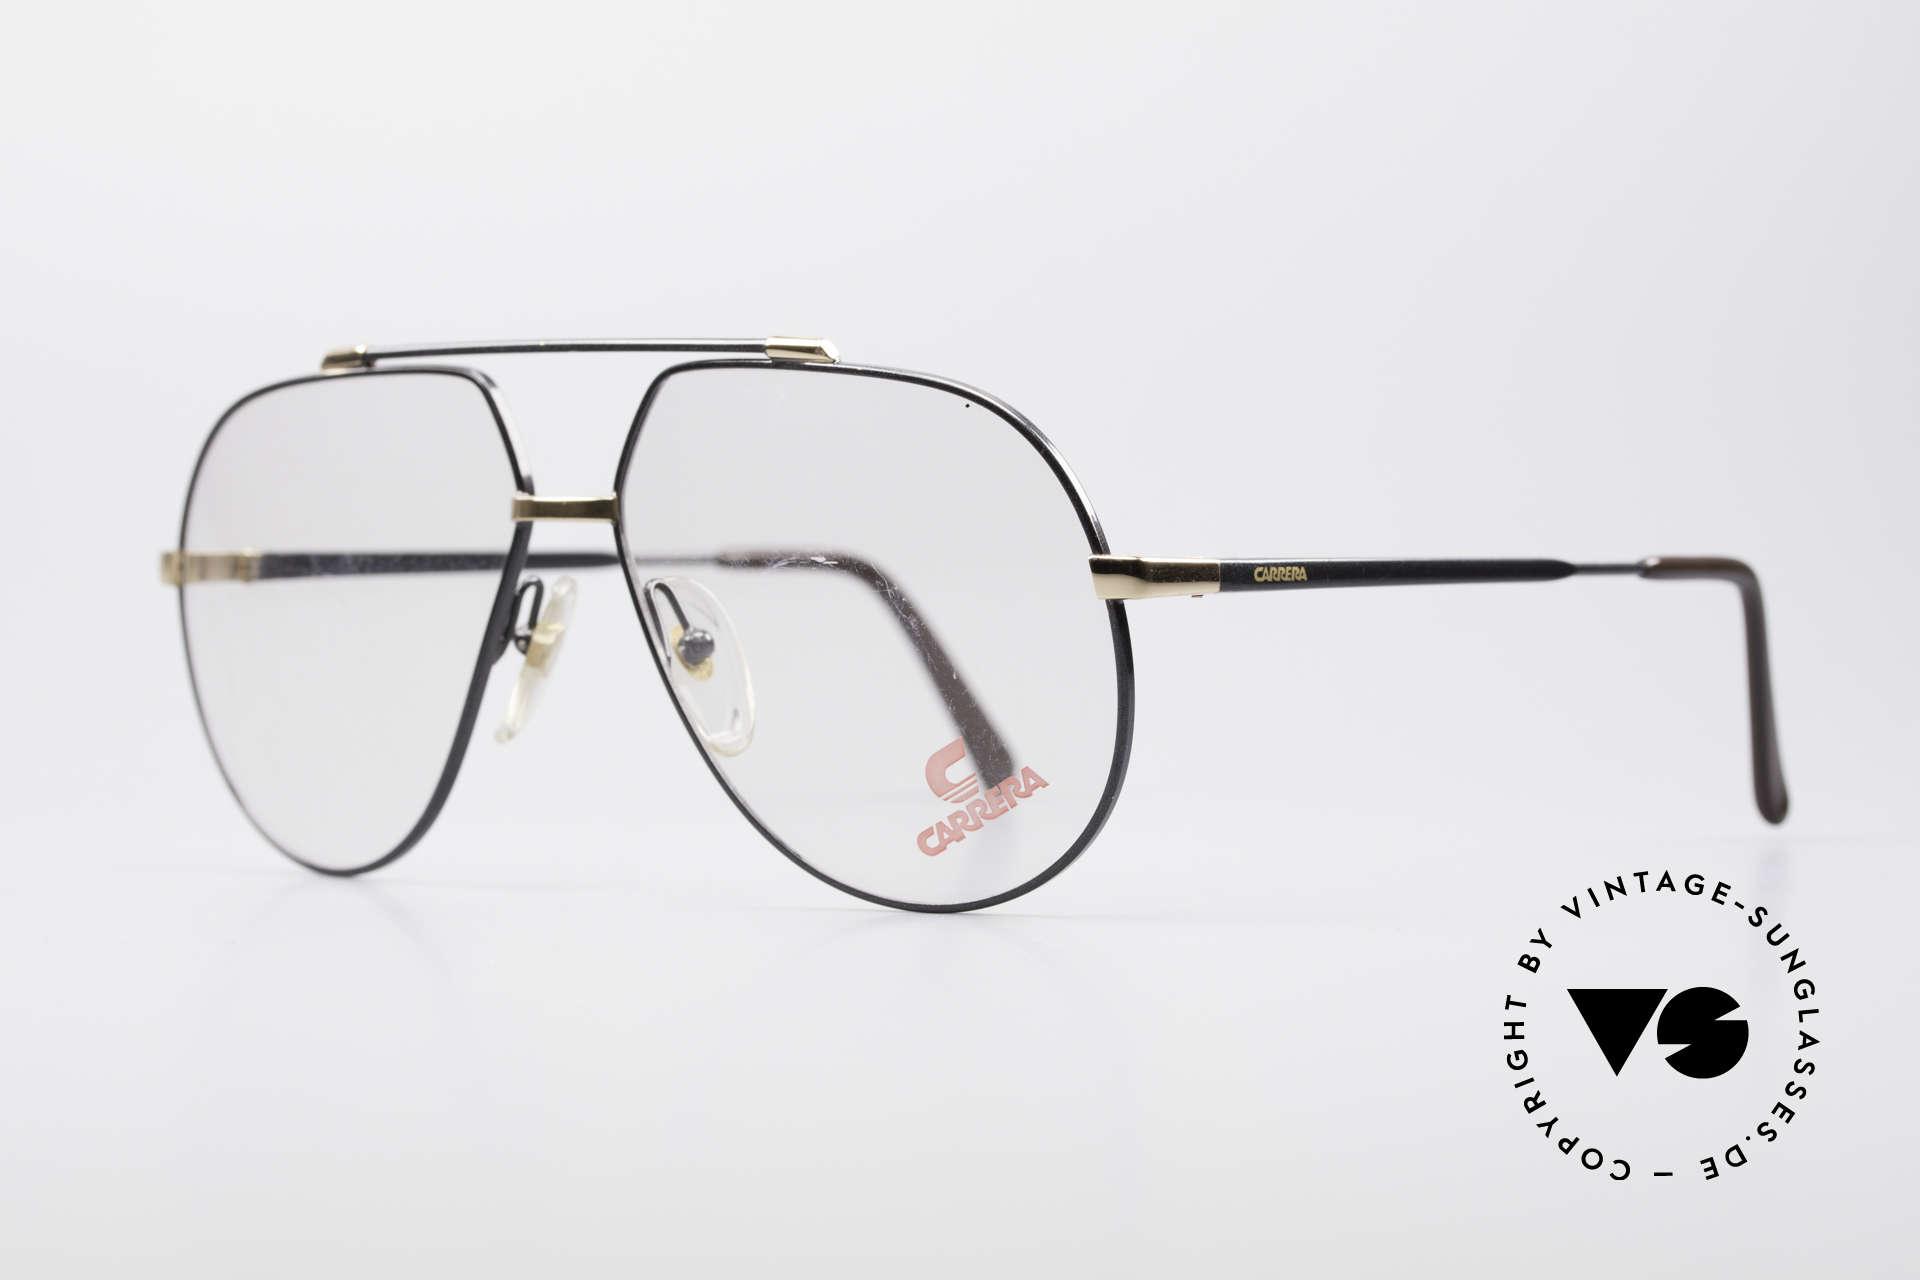 Carrera 5369 Herren Large Vintage Brille, fühlbare Top-Verarbeitung & hoher Tragekomfort, Passend für Herren